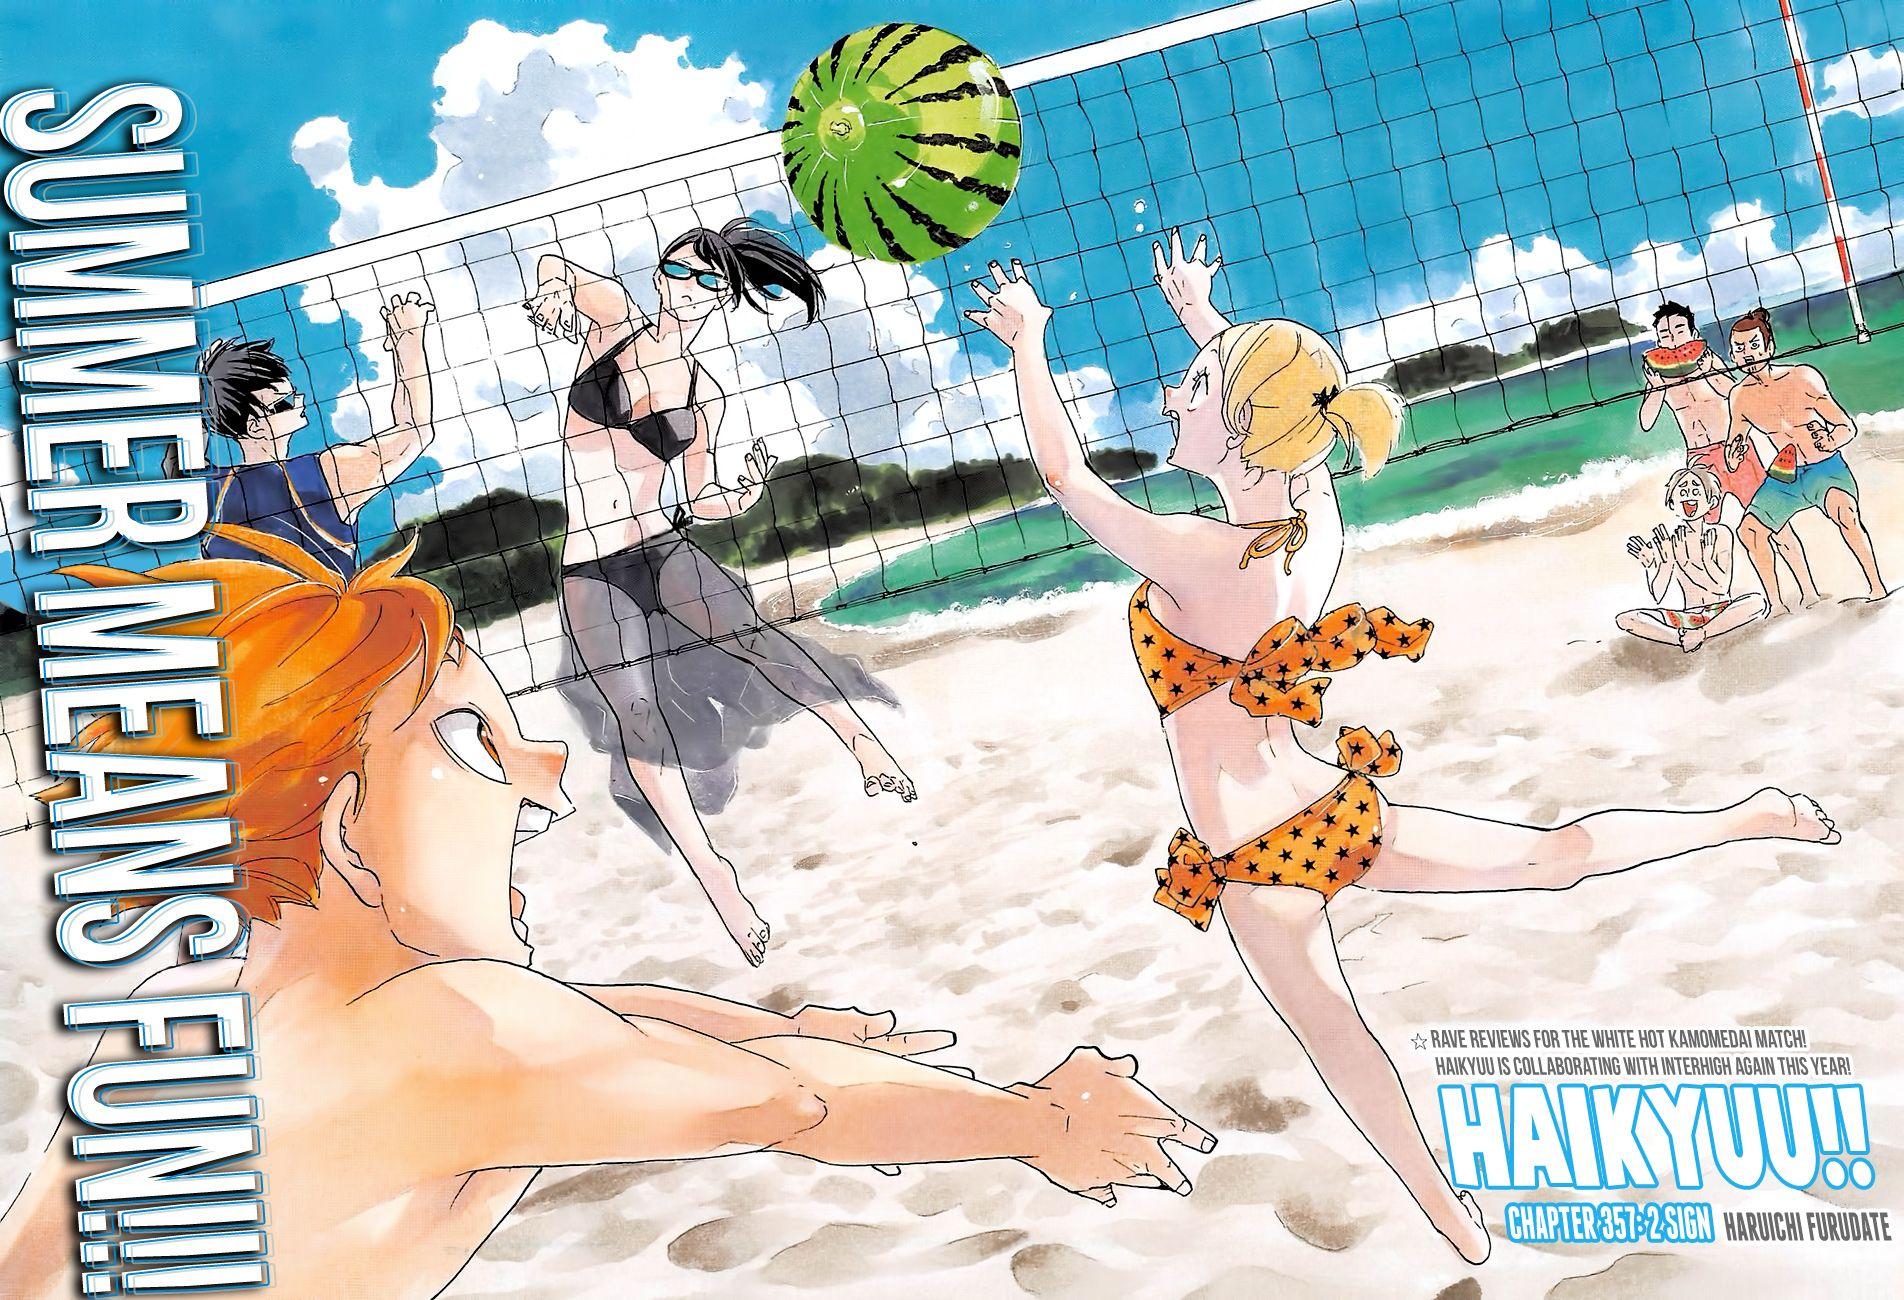 Haikyuu Chapter 357 | Read Haikyuu!! Manga Online